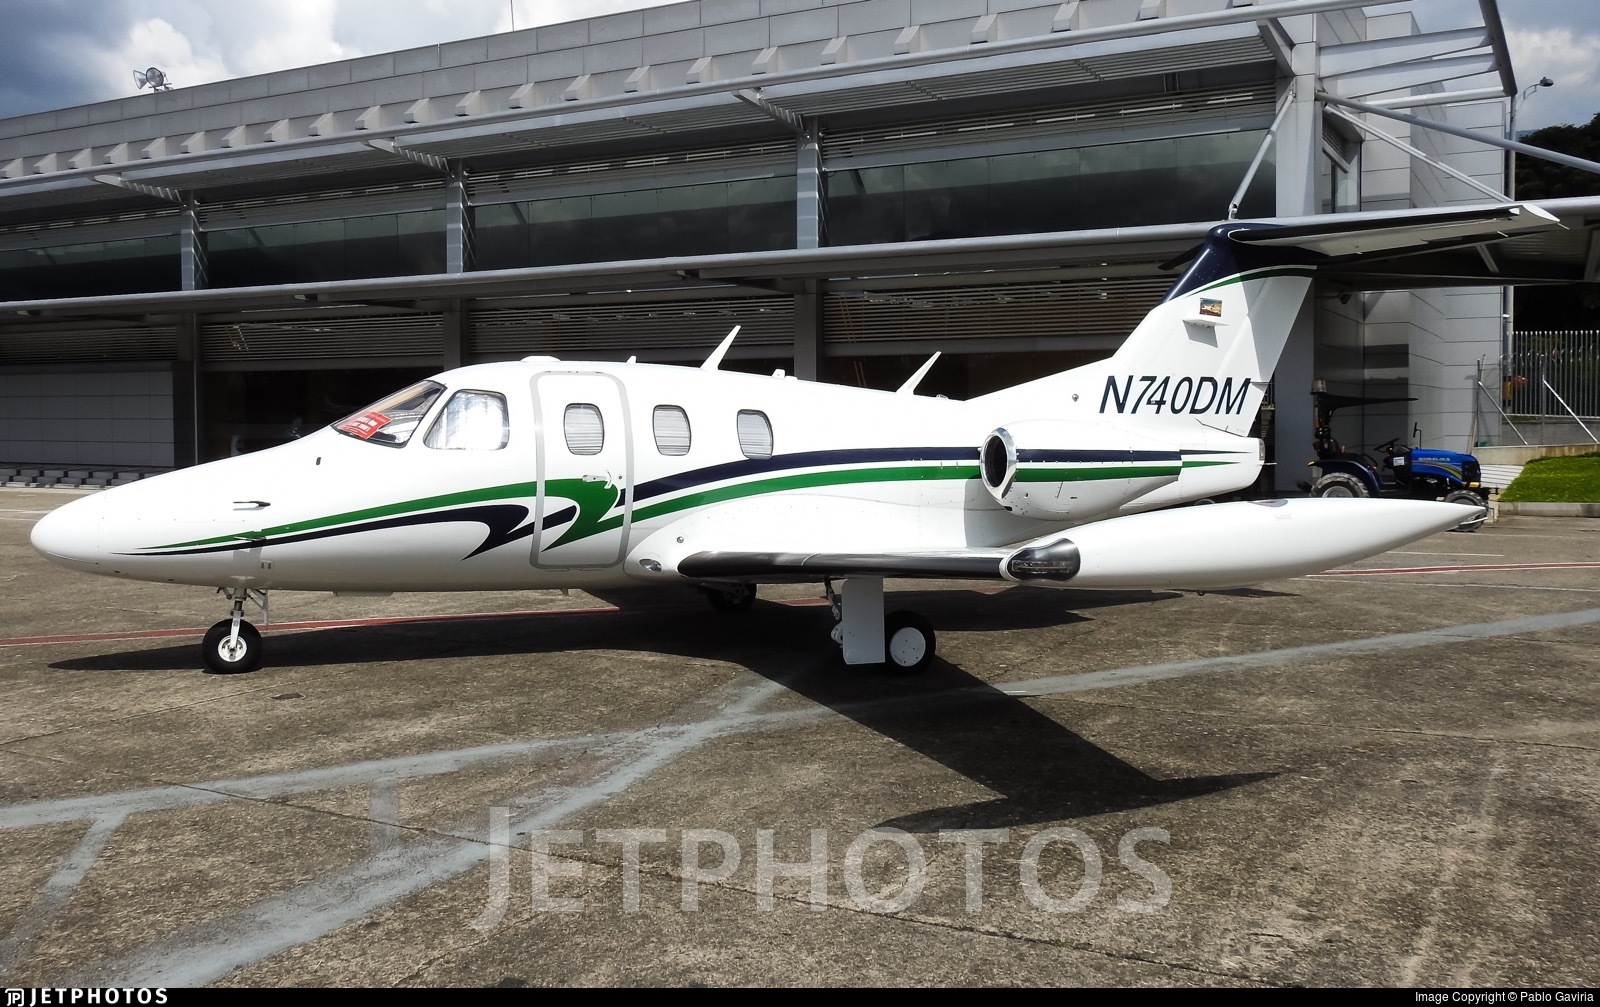 N740DM - Eclipse Aviation Eclipse 500 - Private